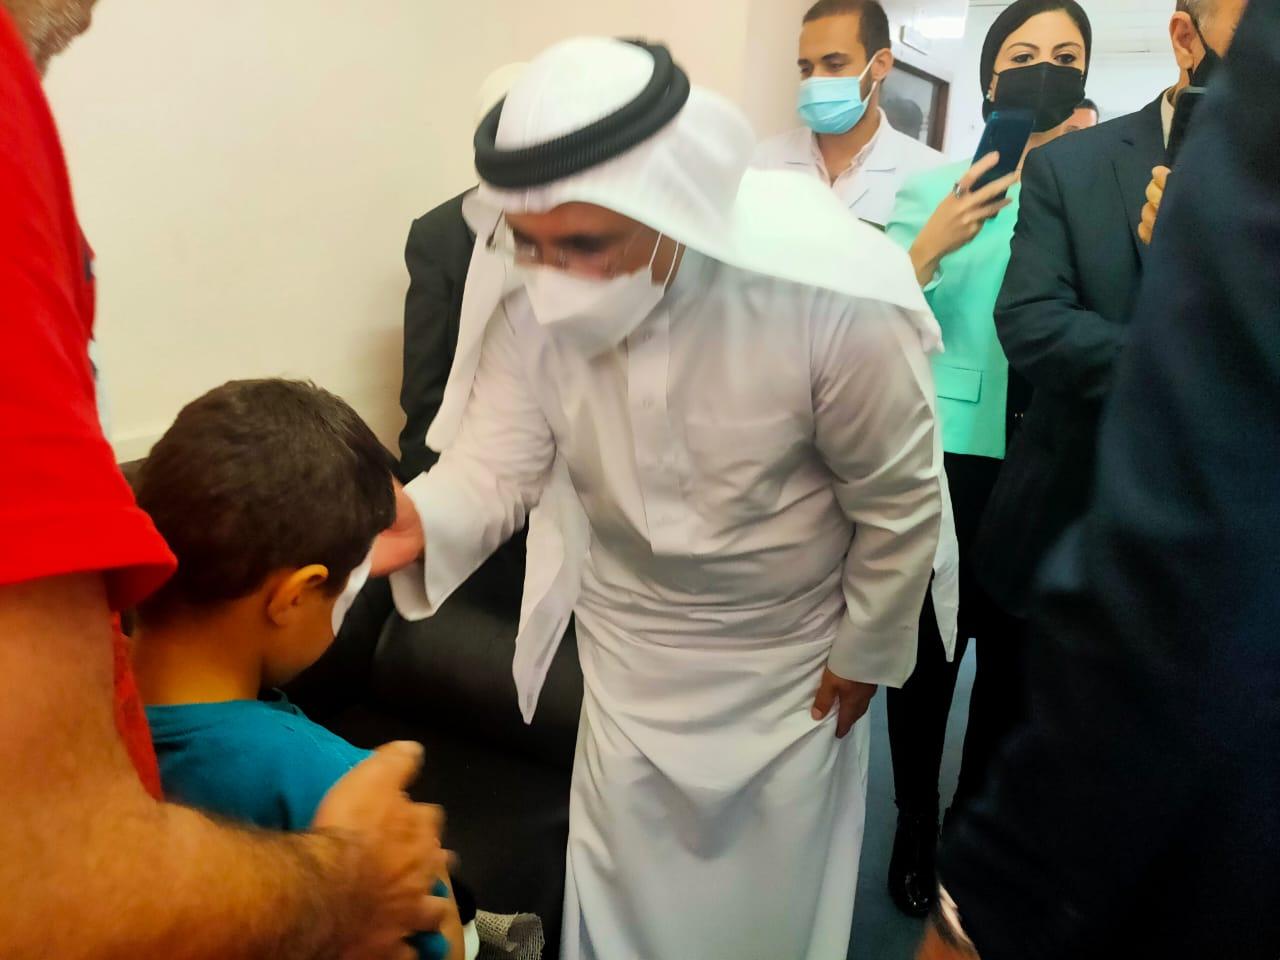 العسومي يزور الجرحى والمصابين الفلسطينيين بمستشفى معهد ناصر